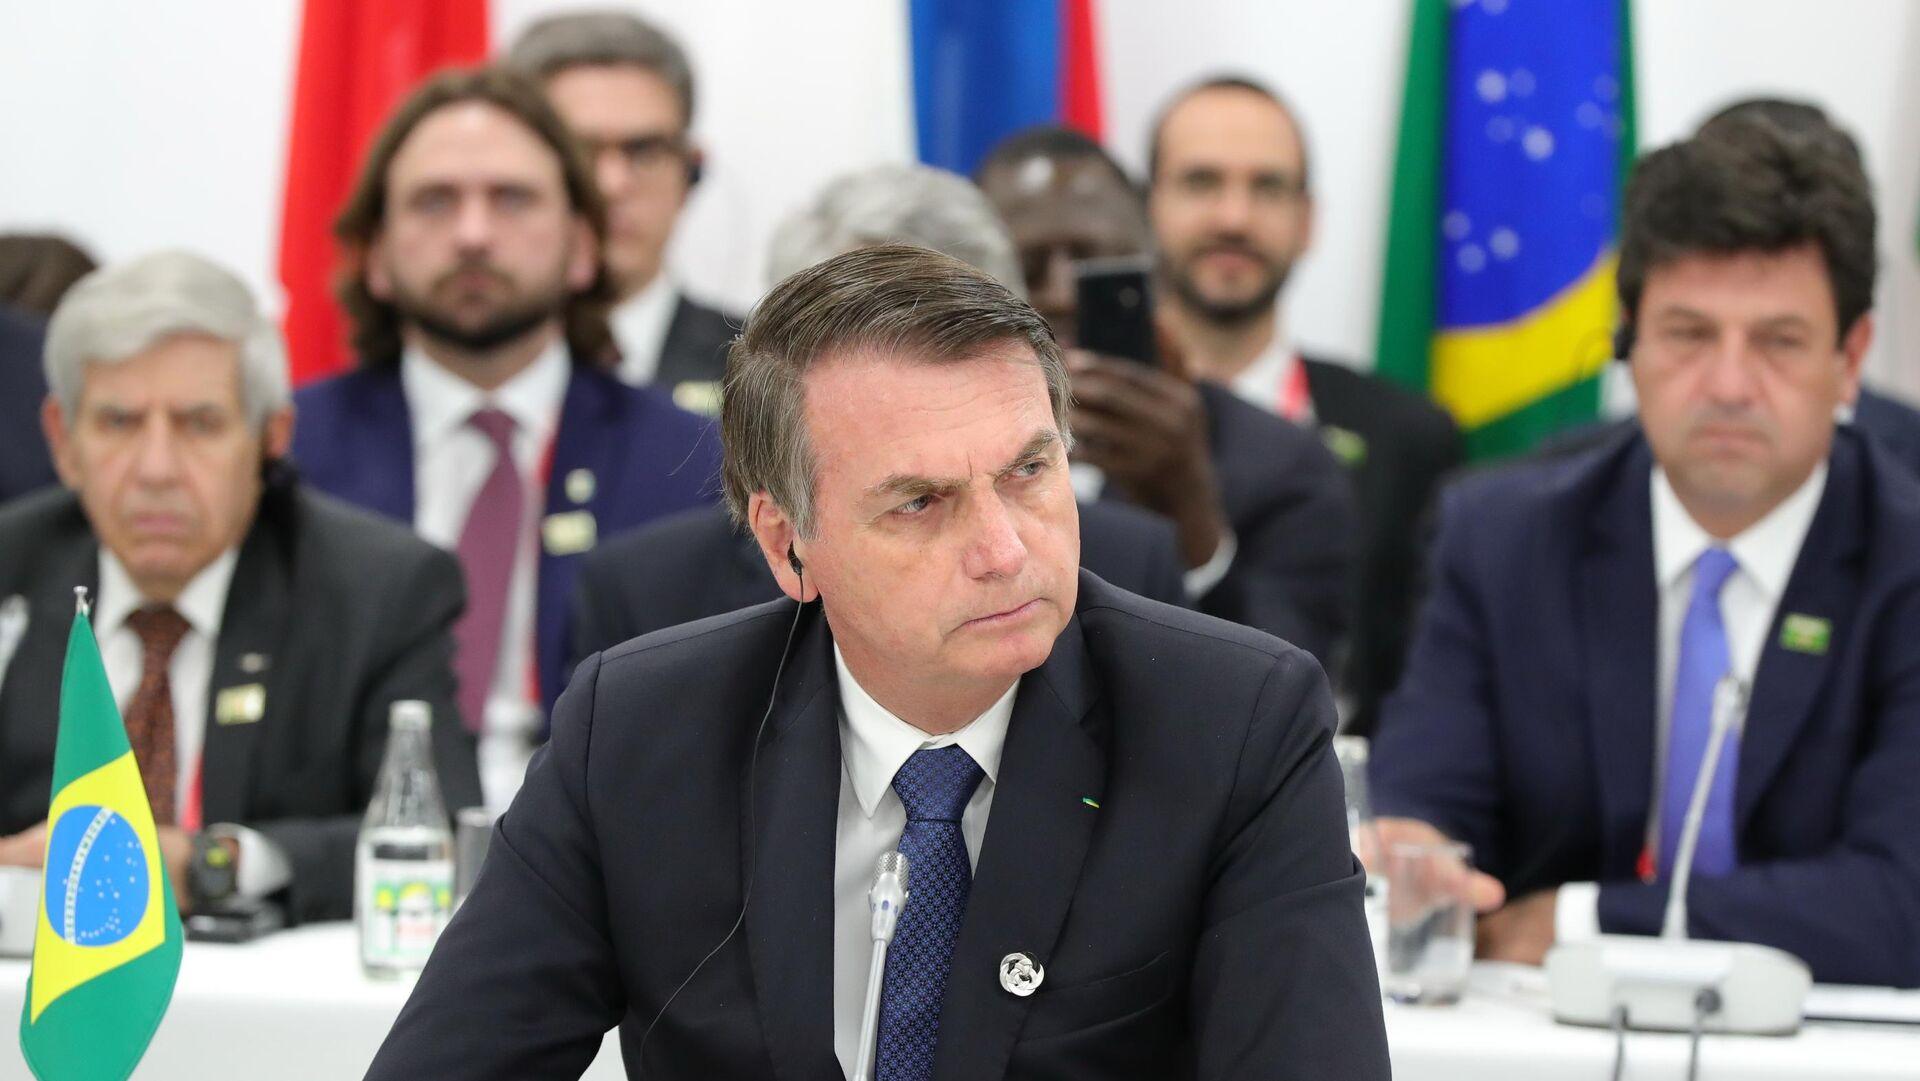 Президент Бразилии Жаир Болсонару на саммите Группы двадцати  - РИА Новости, 1920, 21.08.2020